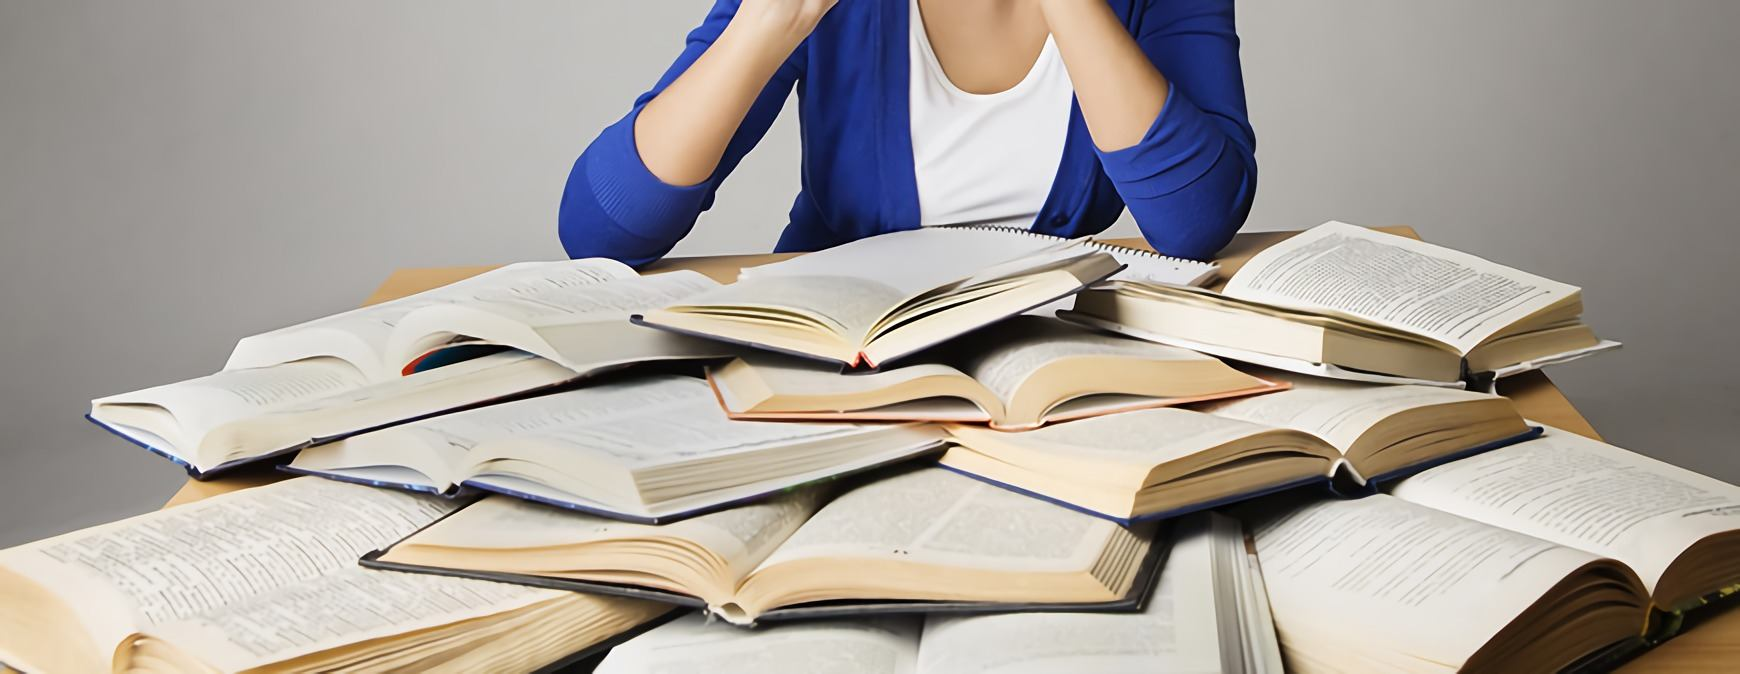 hvac study